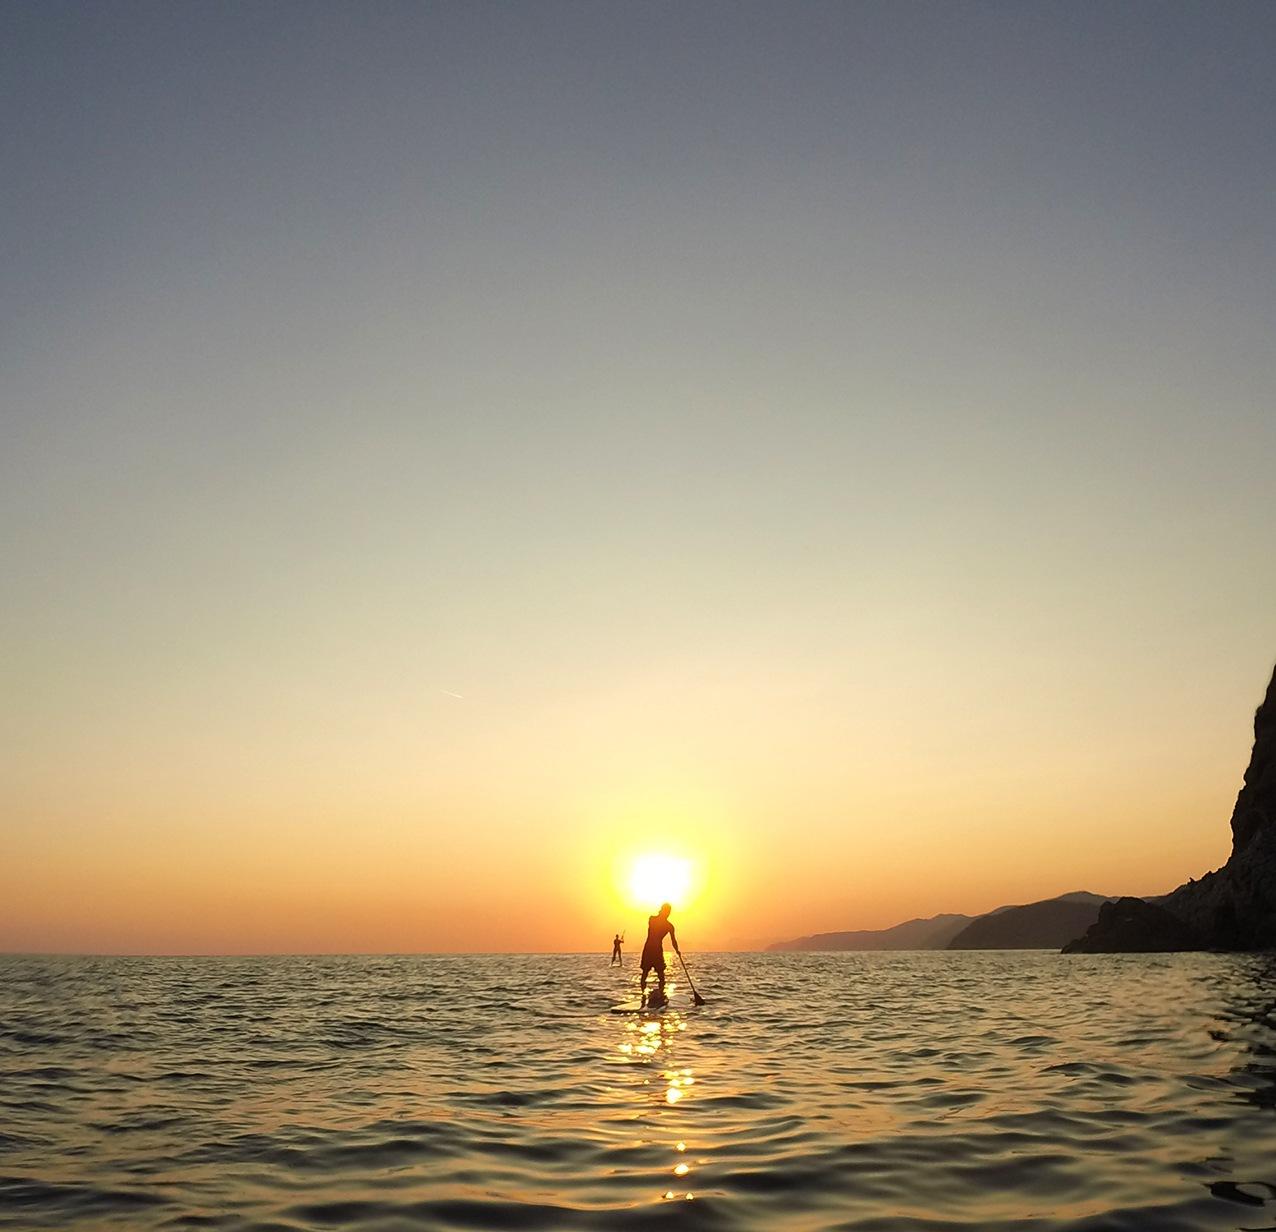 sunset paddle boarding levanto